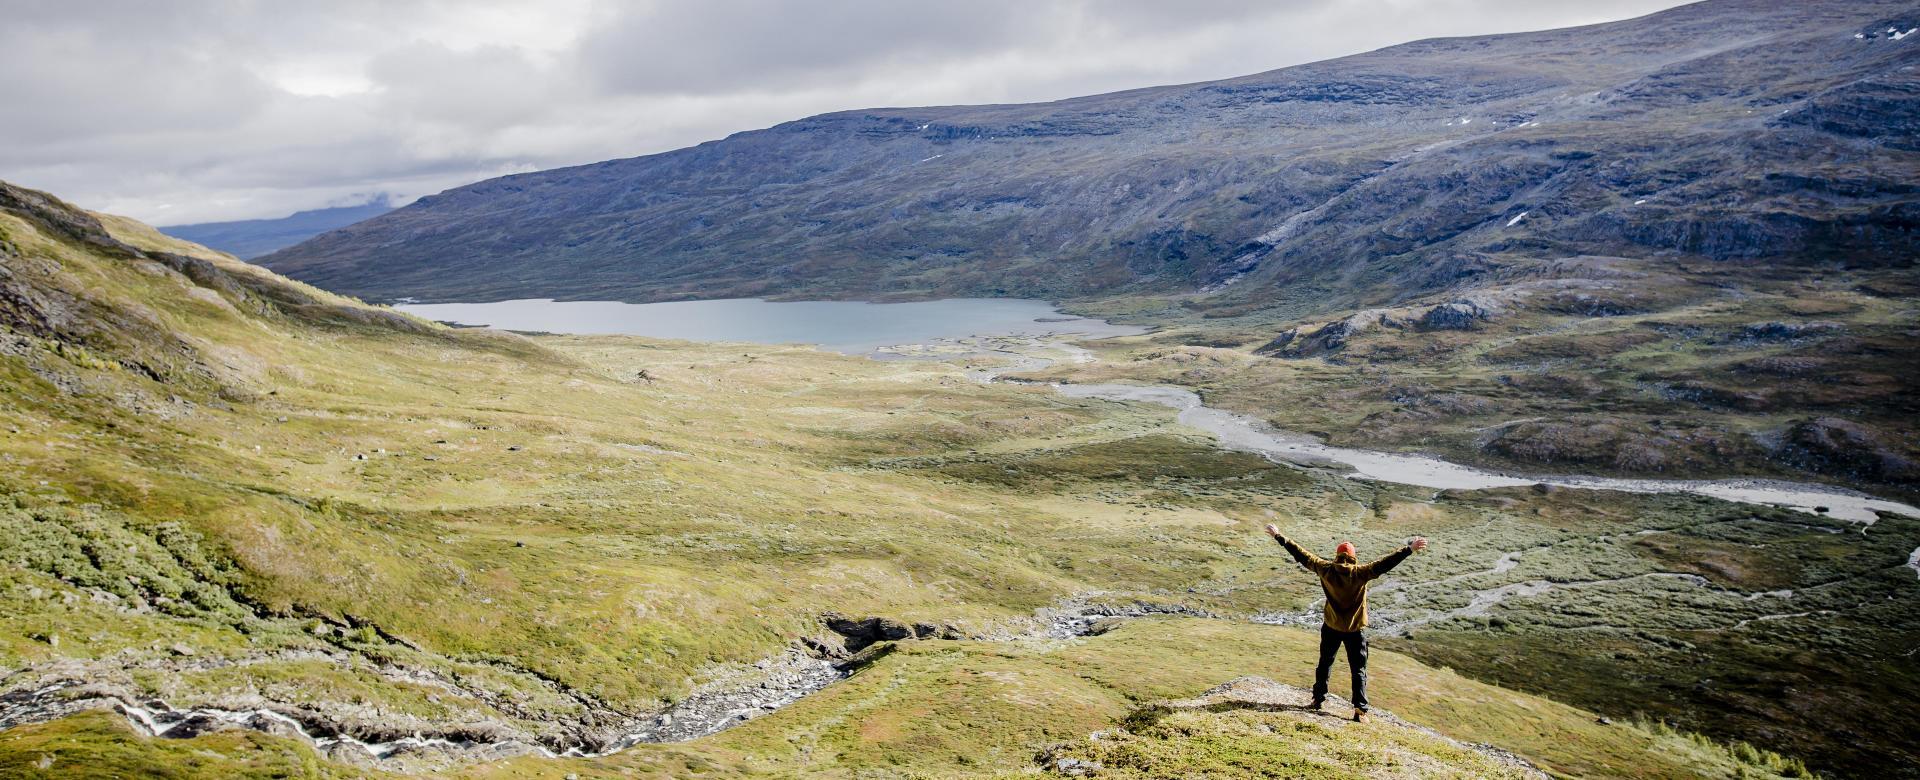 Voyage sur l'eau : Suède : Alpes suédoises, archipel de luleå et taïga